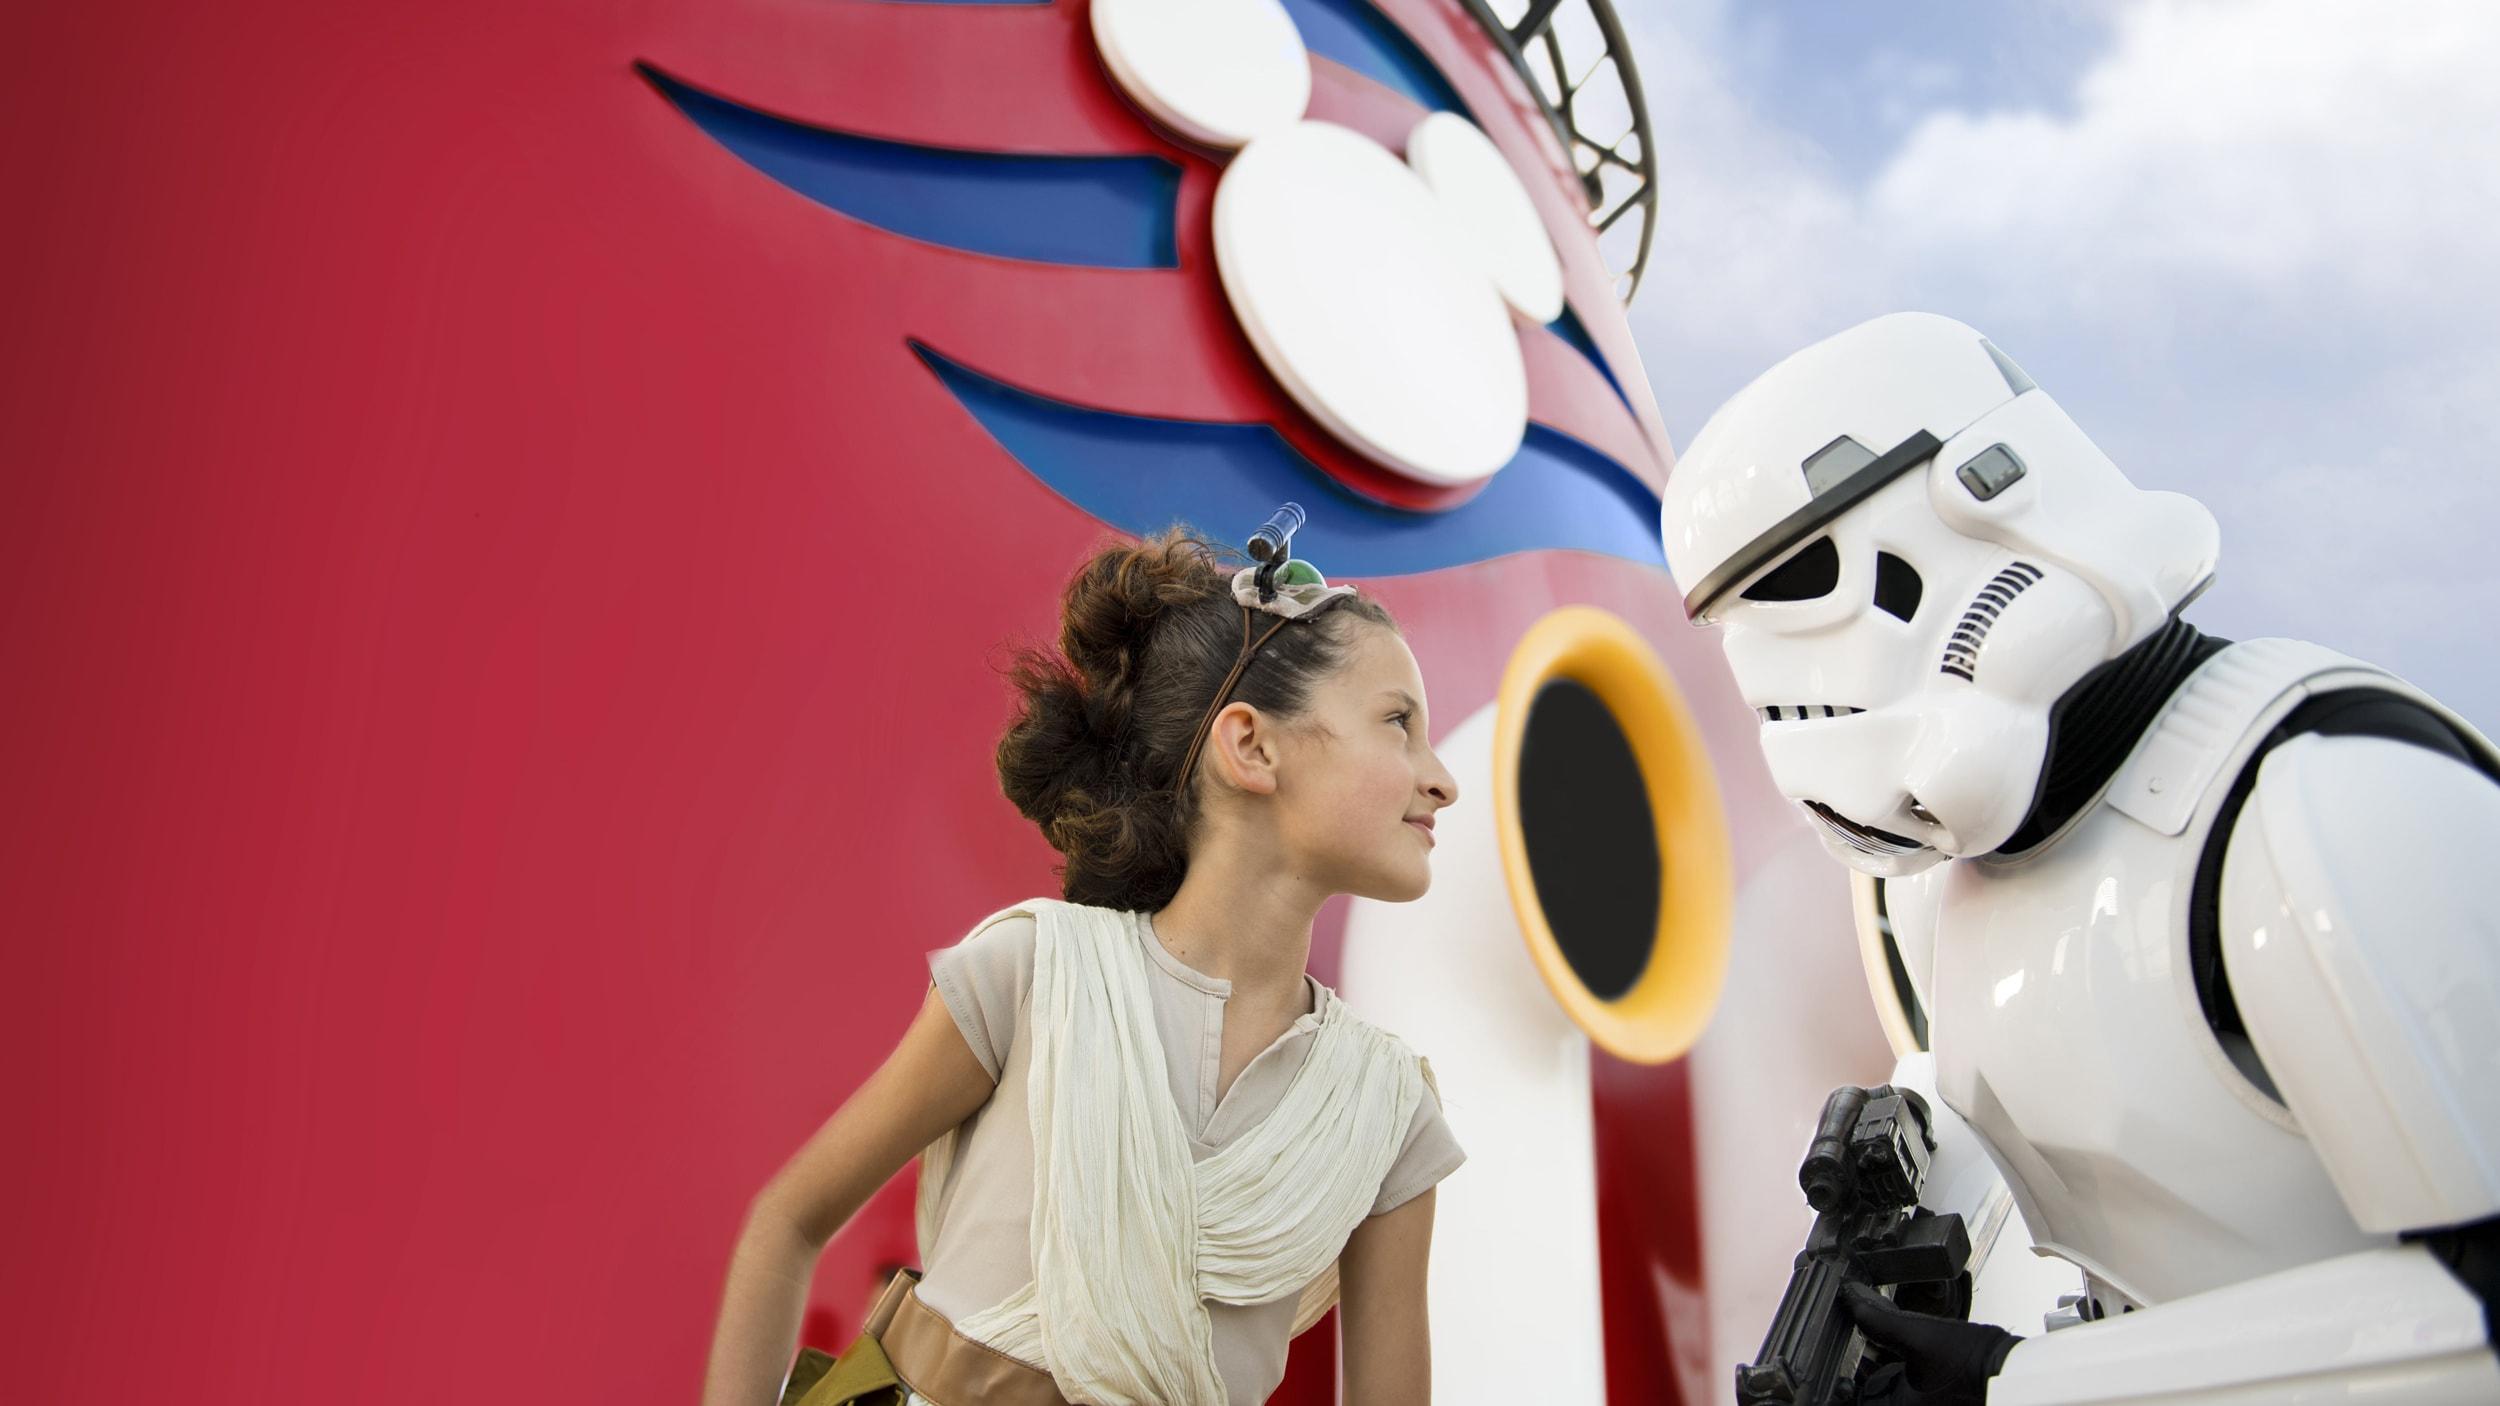 Una niñita vestida como Rey de Star Wars, le gruñe a un stormtrooper a bordo de un barco de Disney Cruise Line